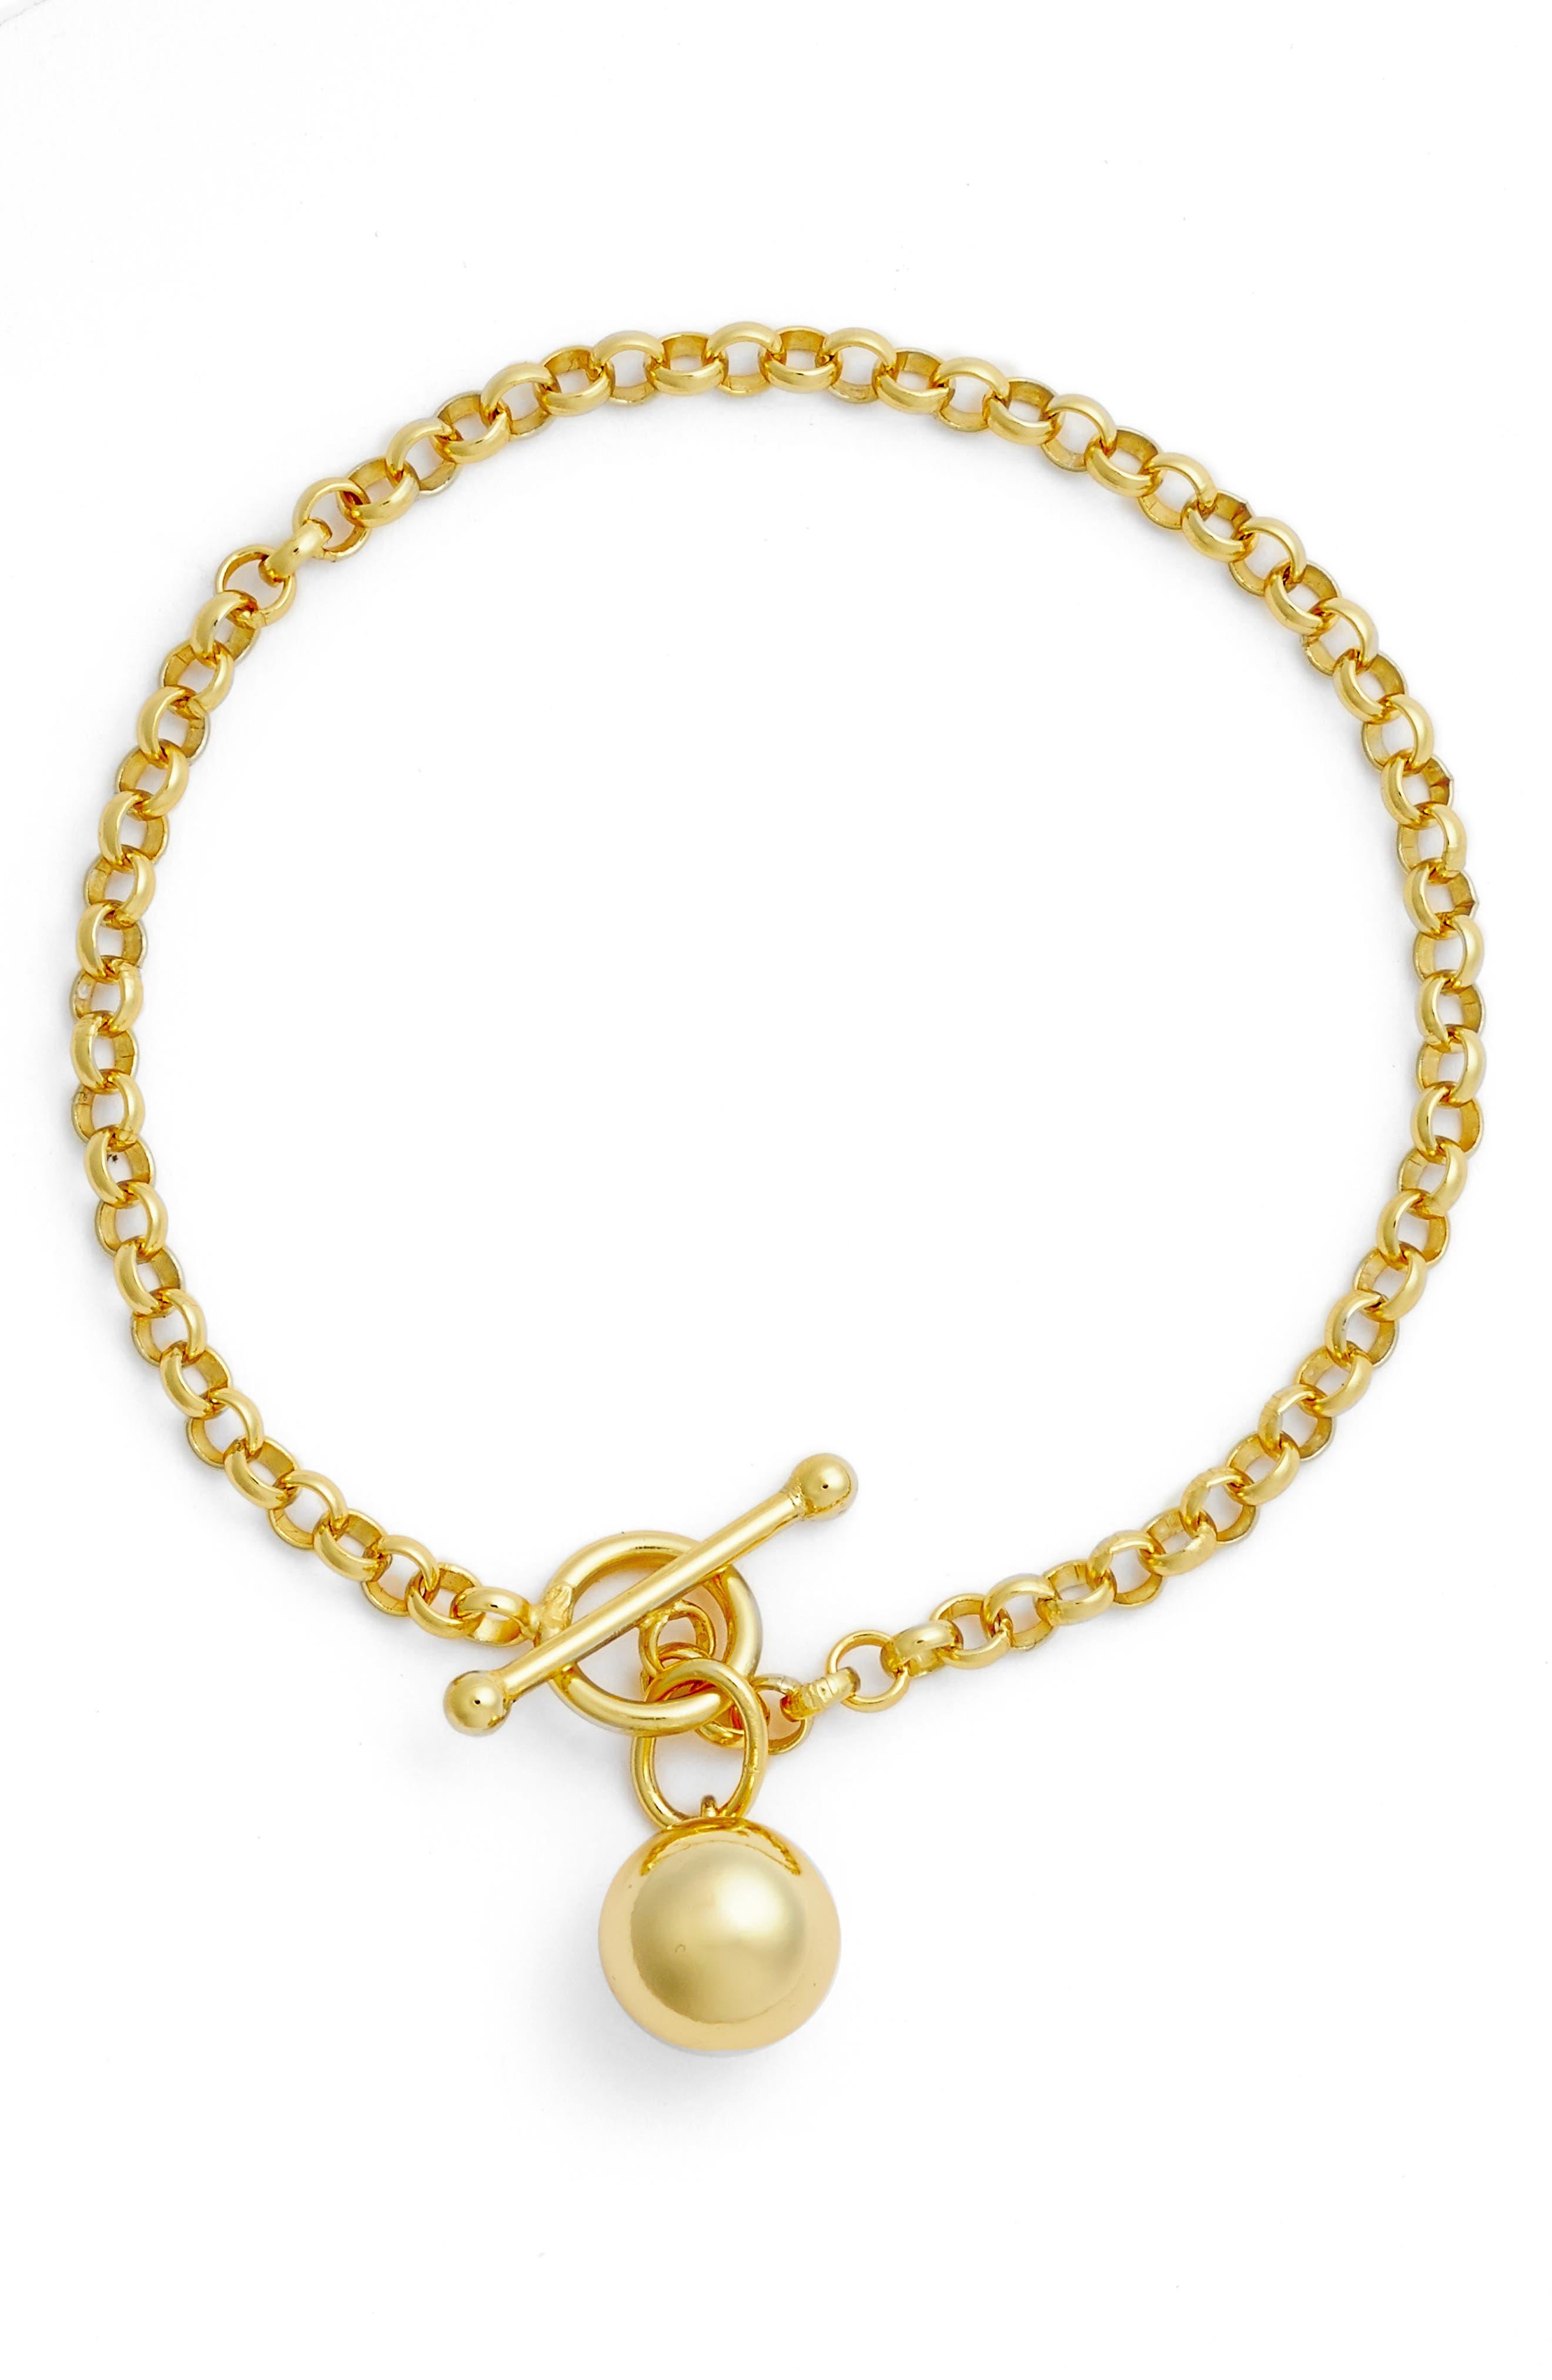 Sphere Charm Link Bracelet,                             Main thumbnail 1, color,                             Gold